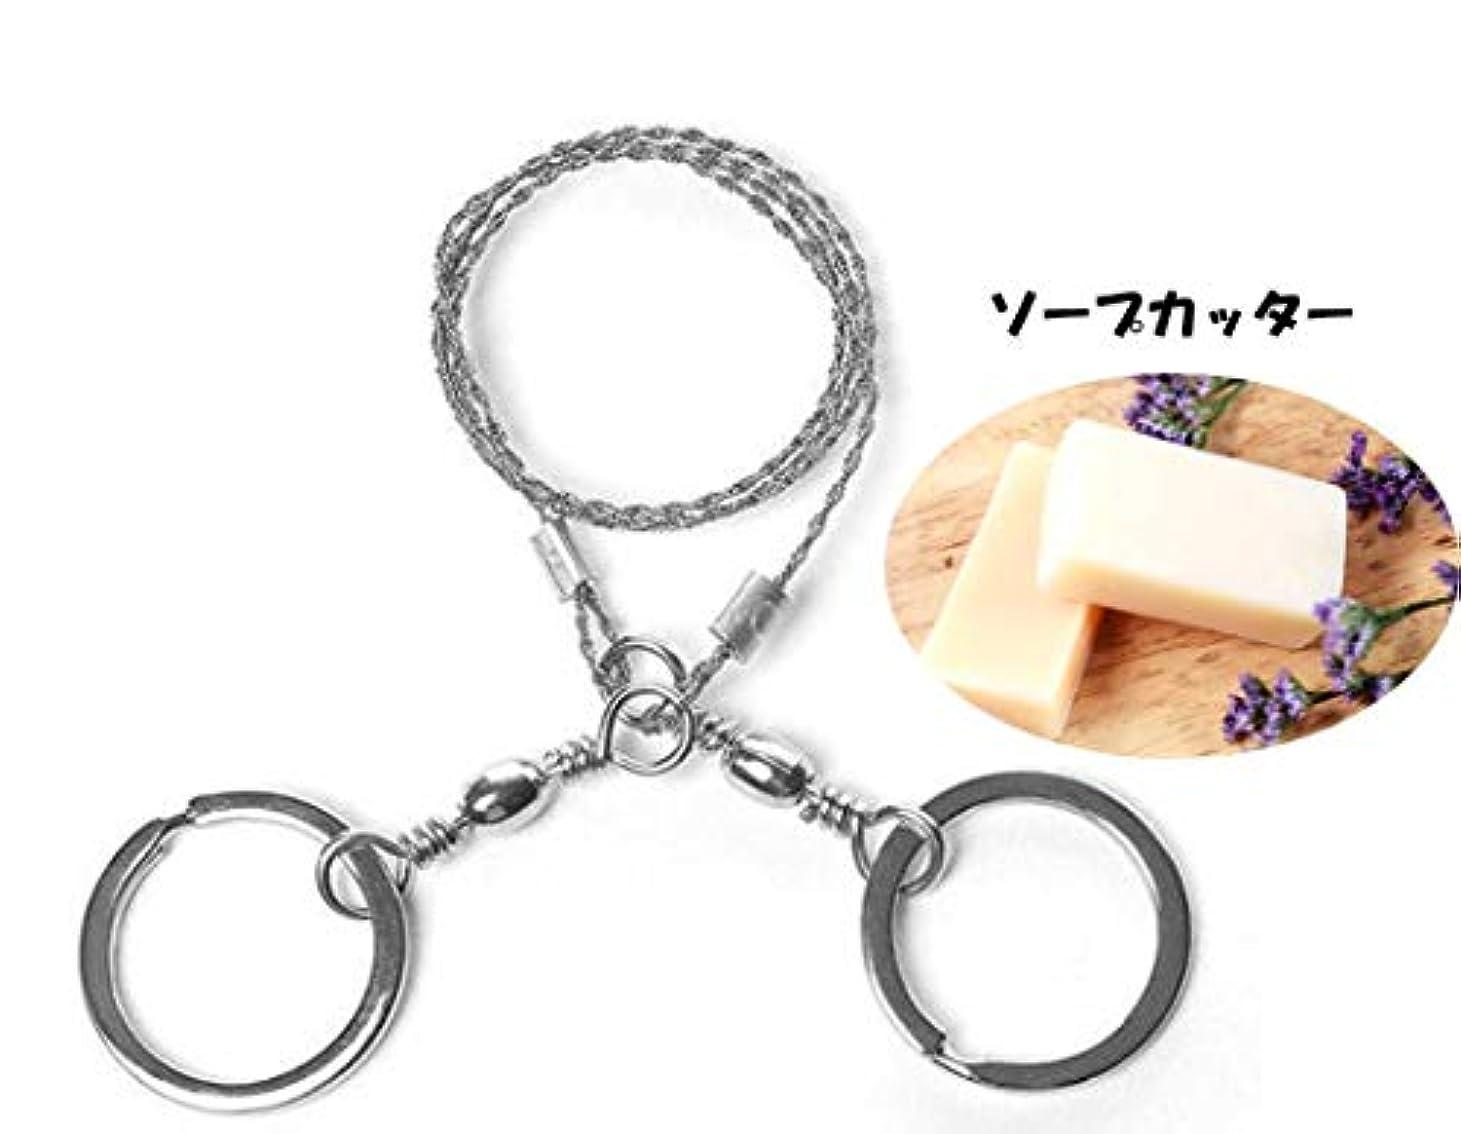 タックファセットインシデントワイヤーカッター ハンドルソープ カッター 糸鋸 手作り石けん Soap Making 小型 便利 持ち手リング付 軽量